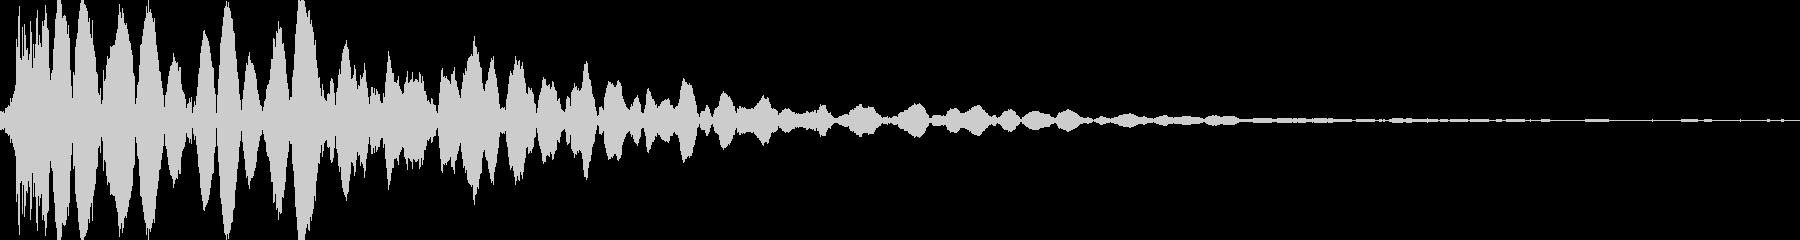 ヒットヒットインパクト4の未再生の波形